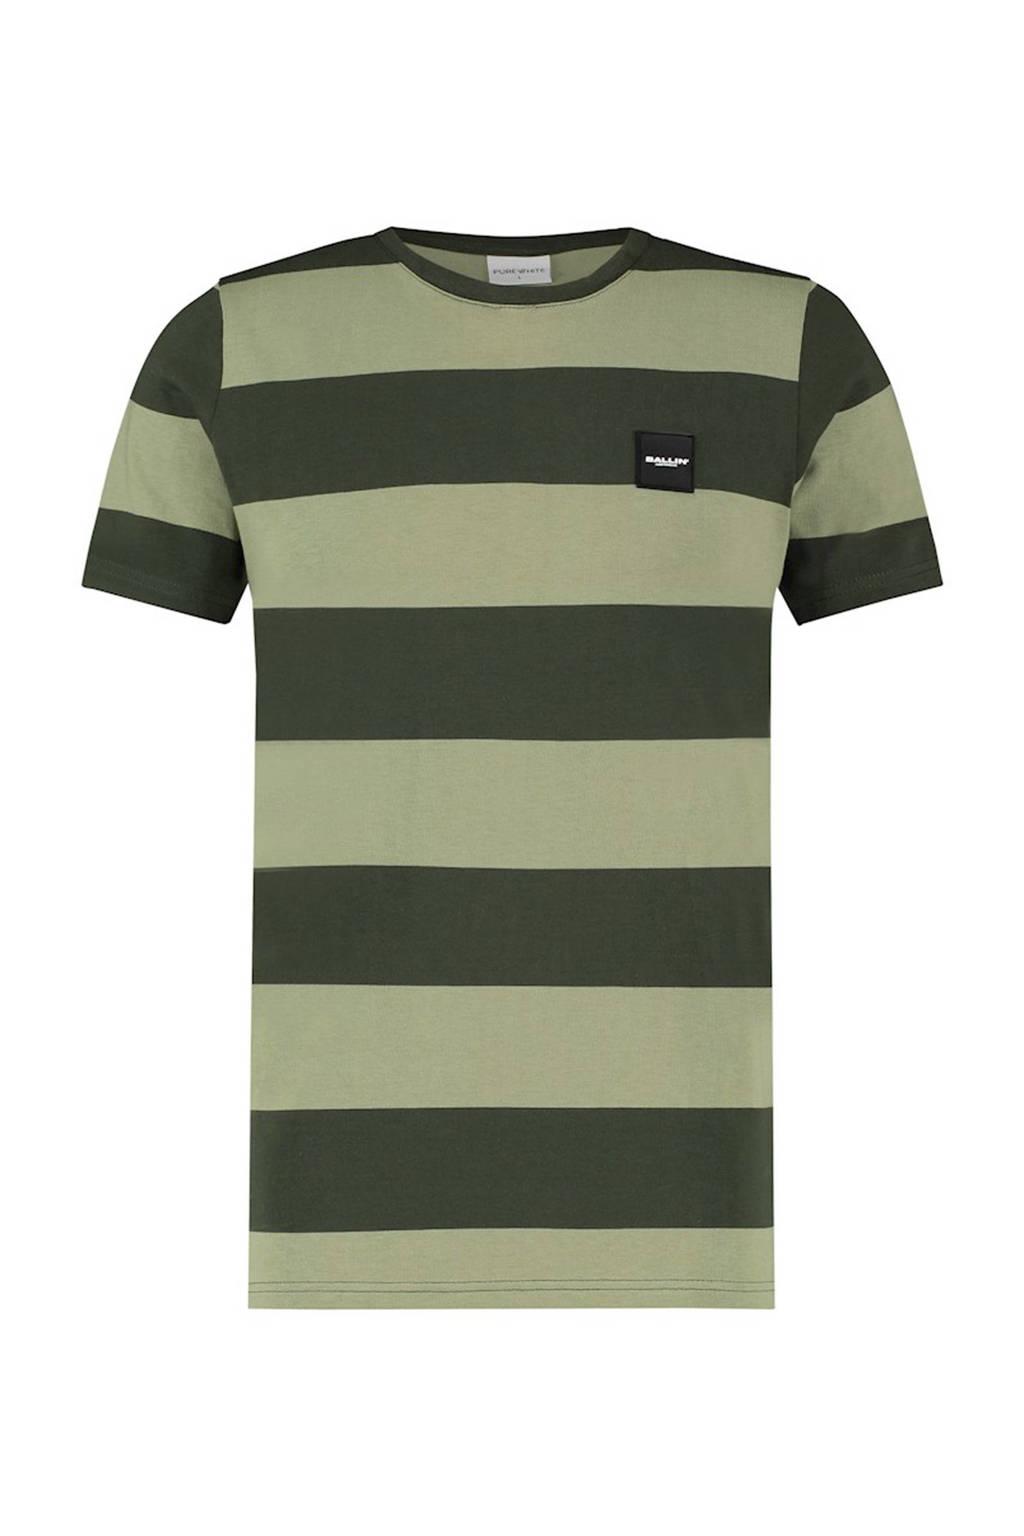 Ballin gestreept T-shirt groen, Groen